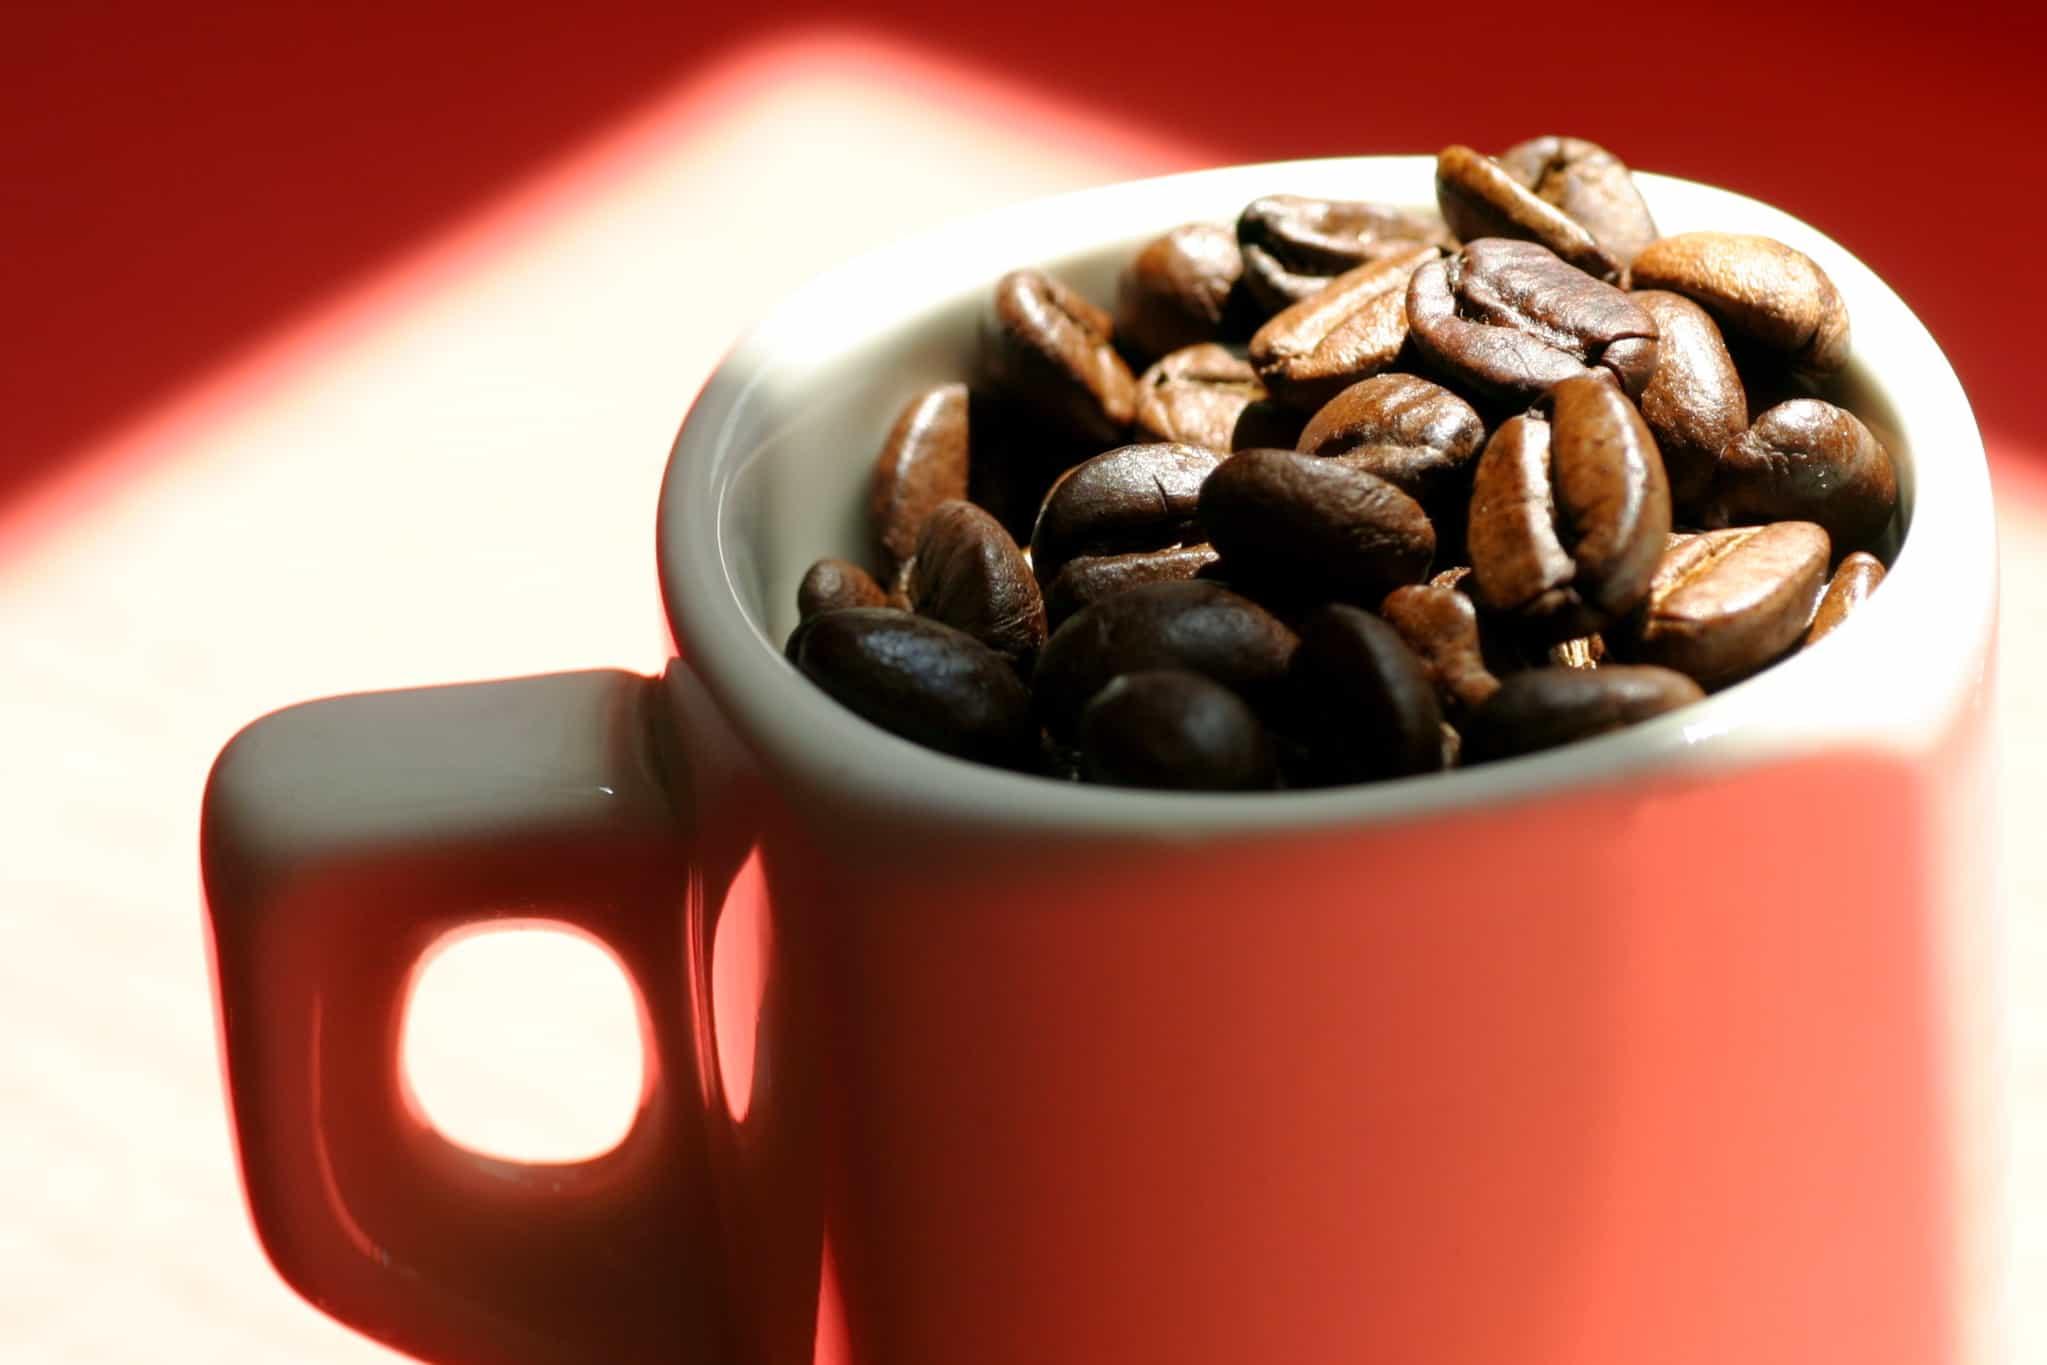 מיקרו אינה 9 של יורה- כל מה שניתן לבקש במכונת קפה